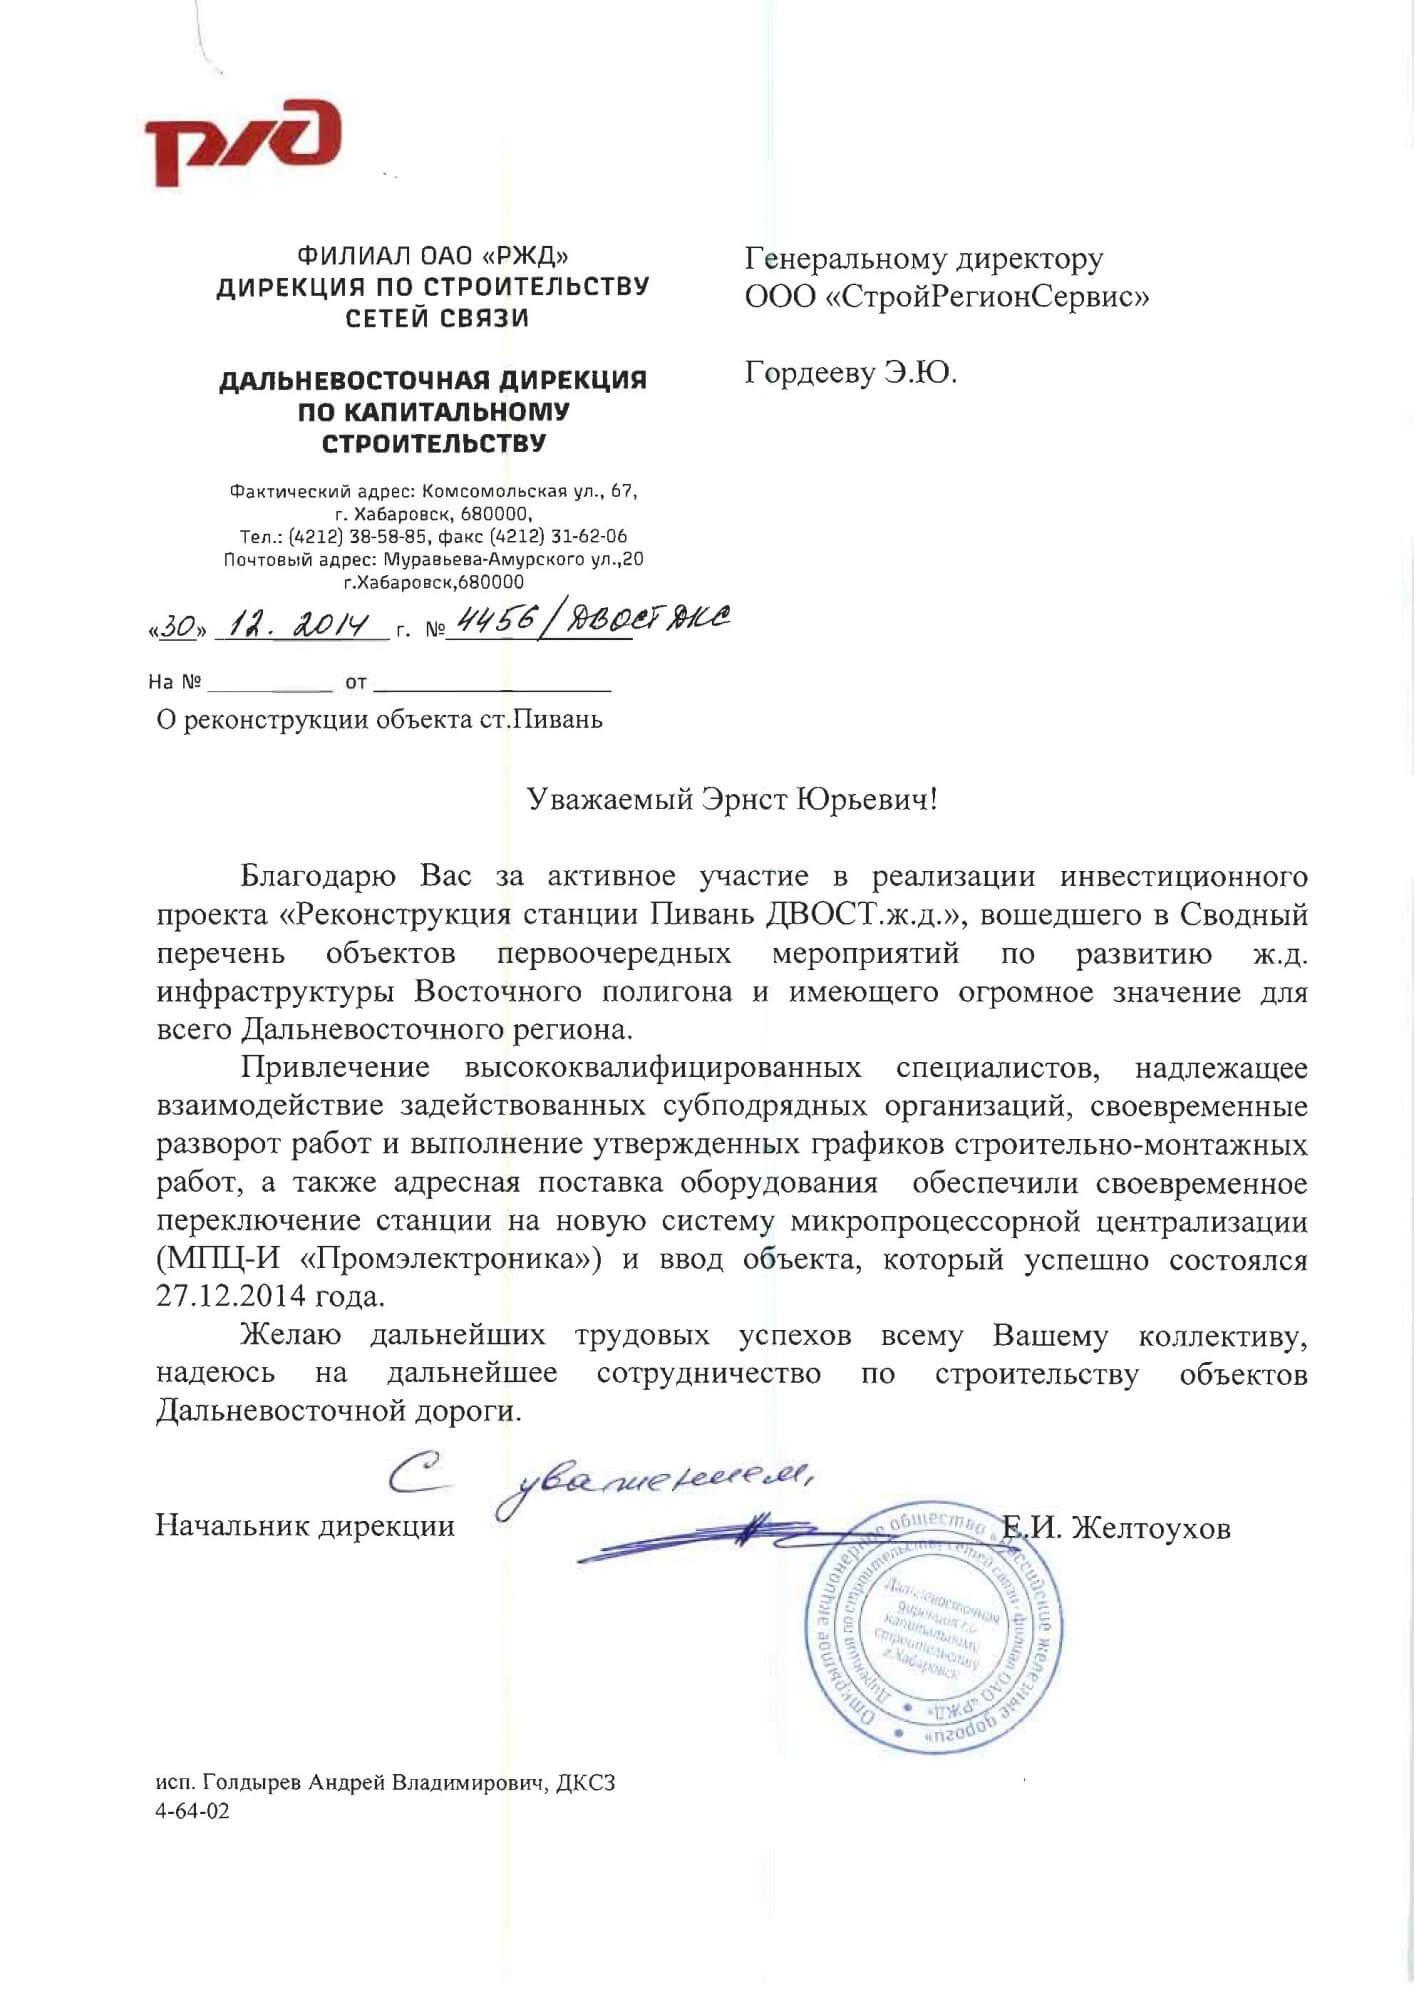 Благодарственное письмо от Дальневосточной дирекции